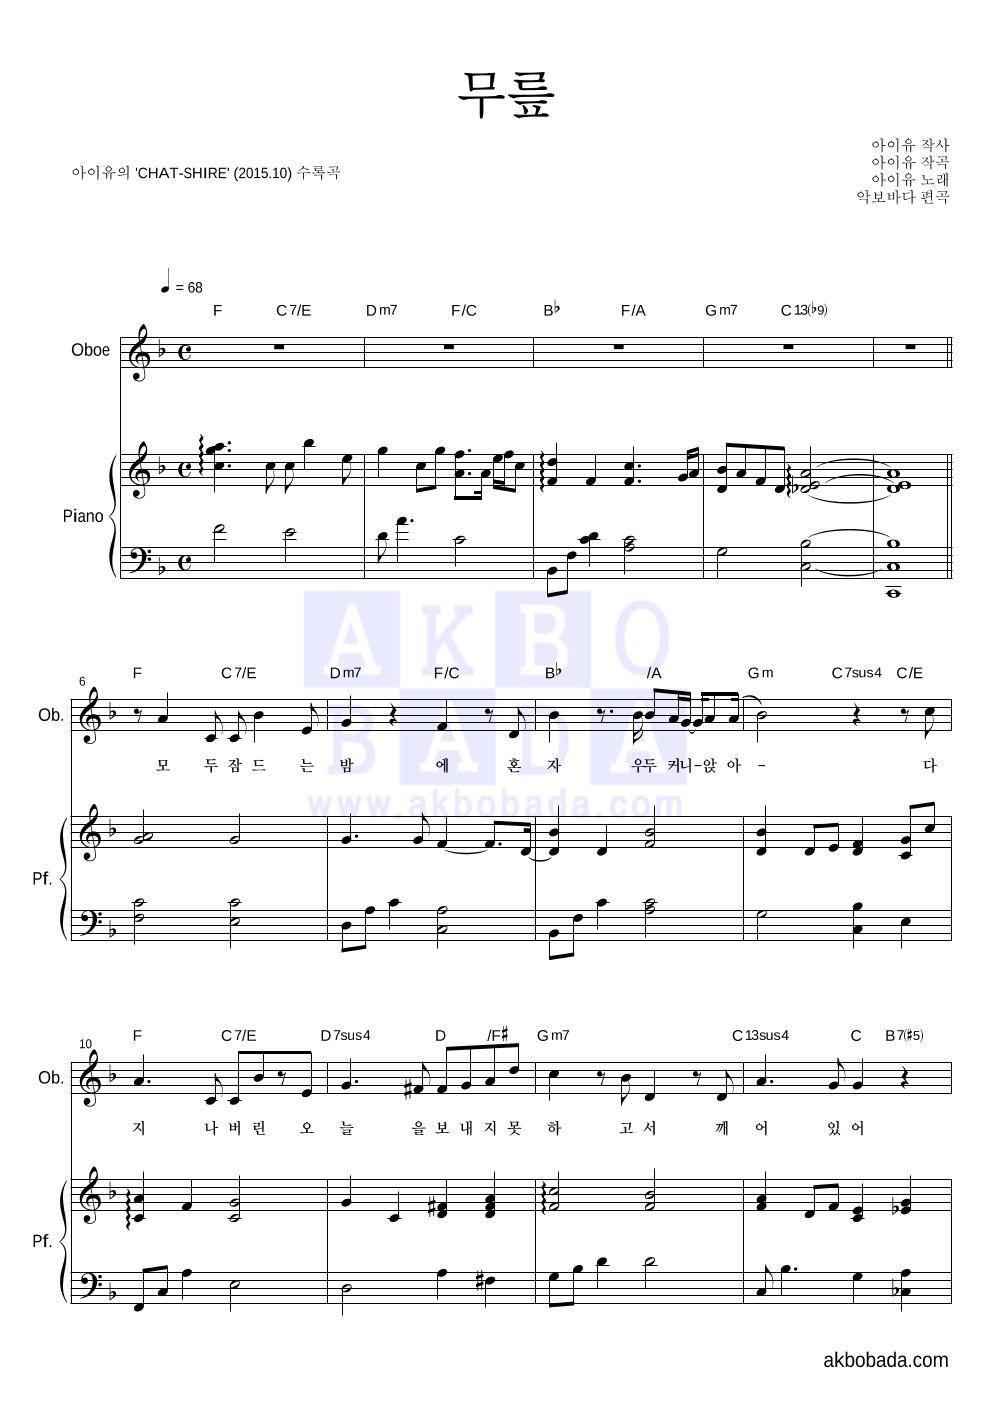 아이유 - 무릎 오보에&피아노 악보